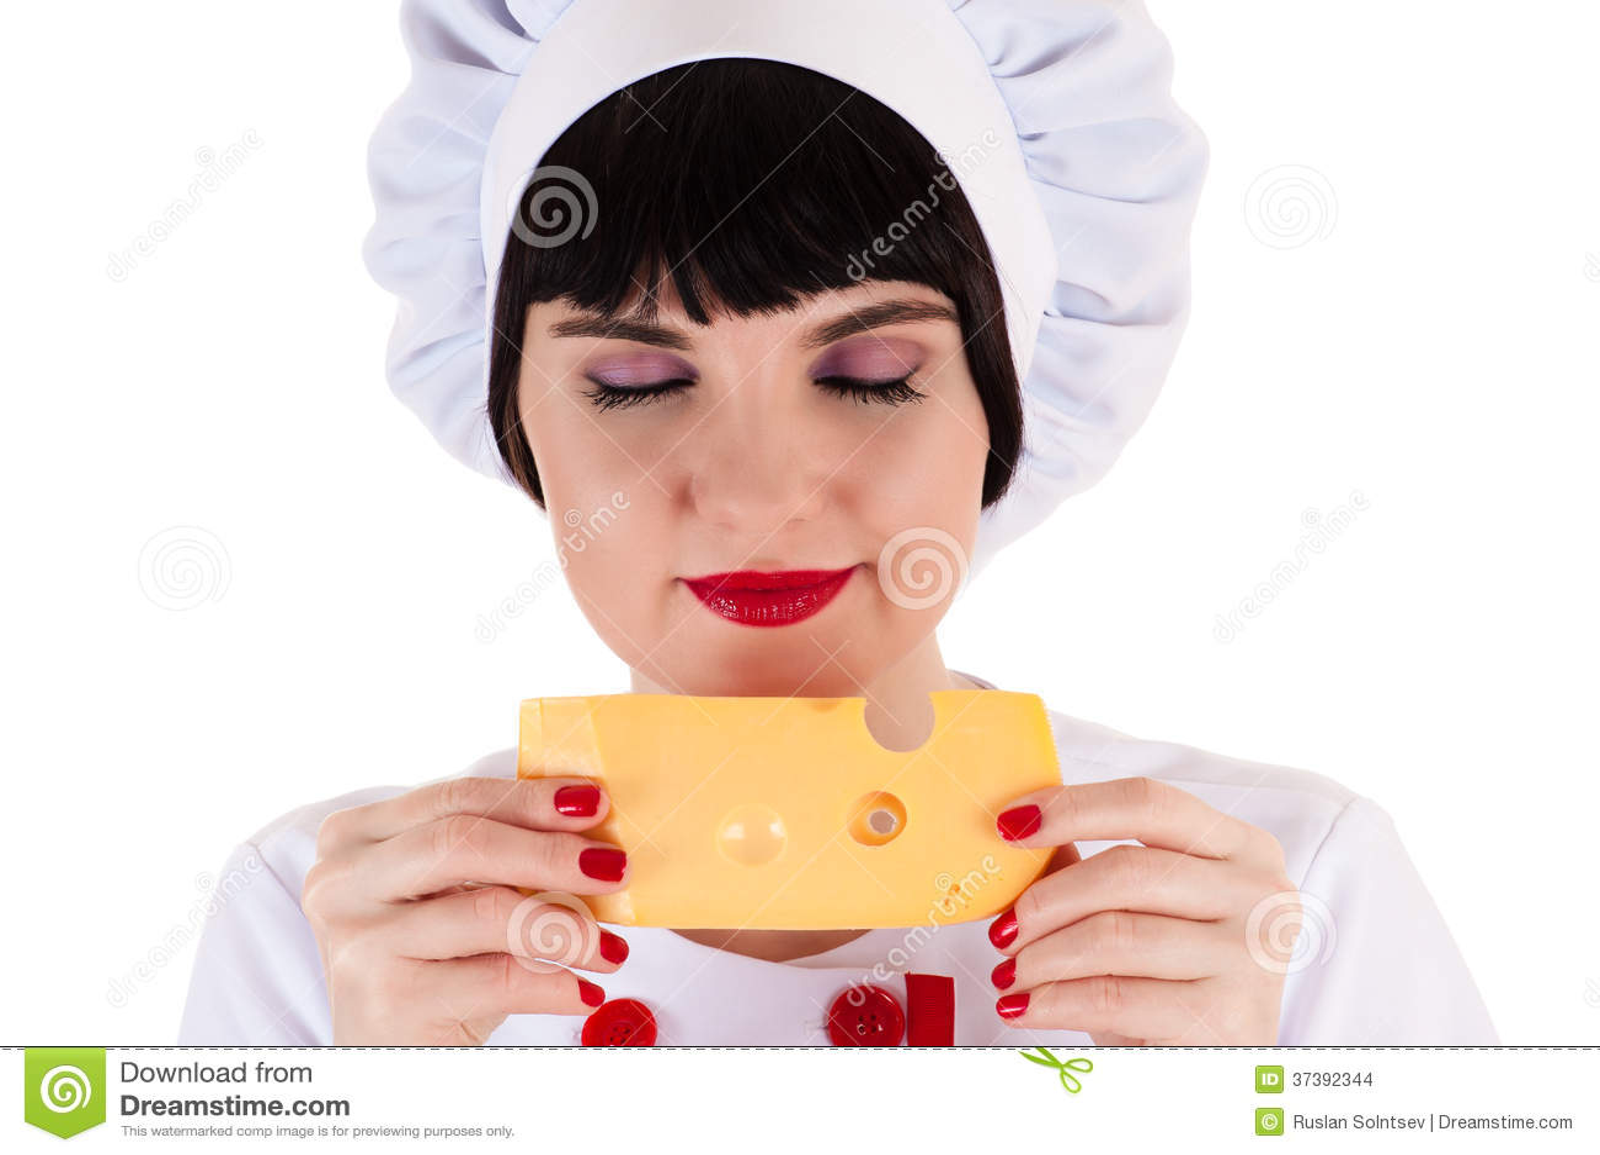 olor a queso